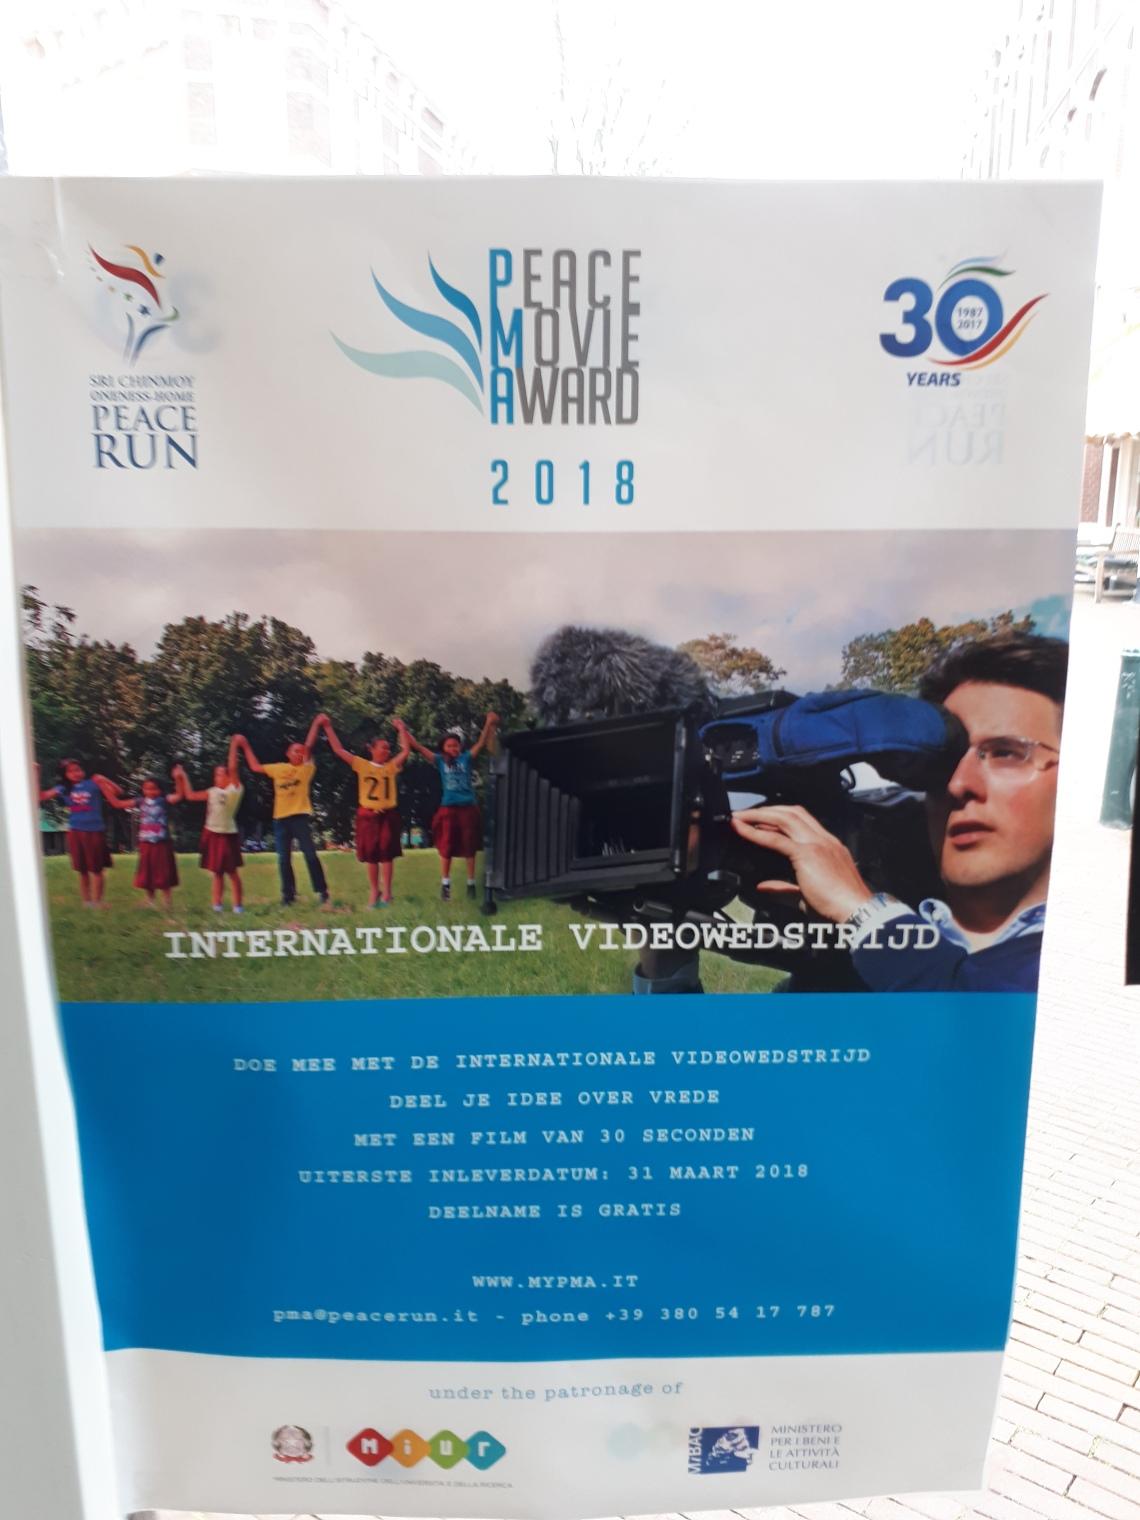 Peace Movie Award advert(1)